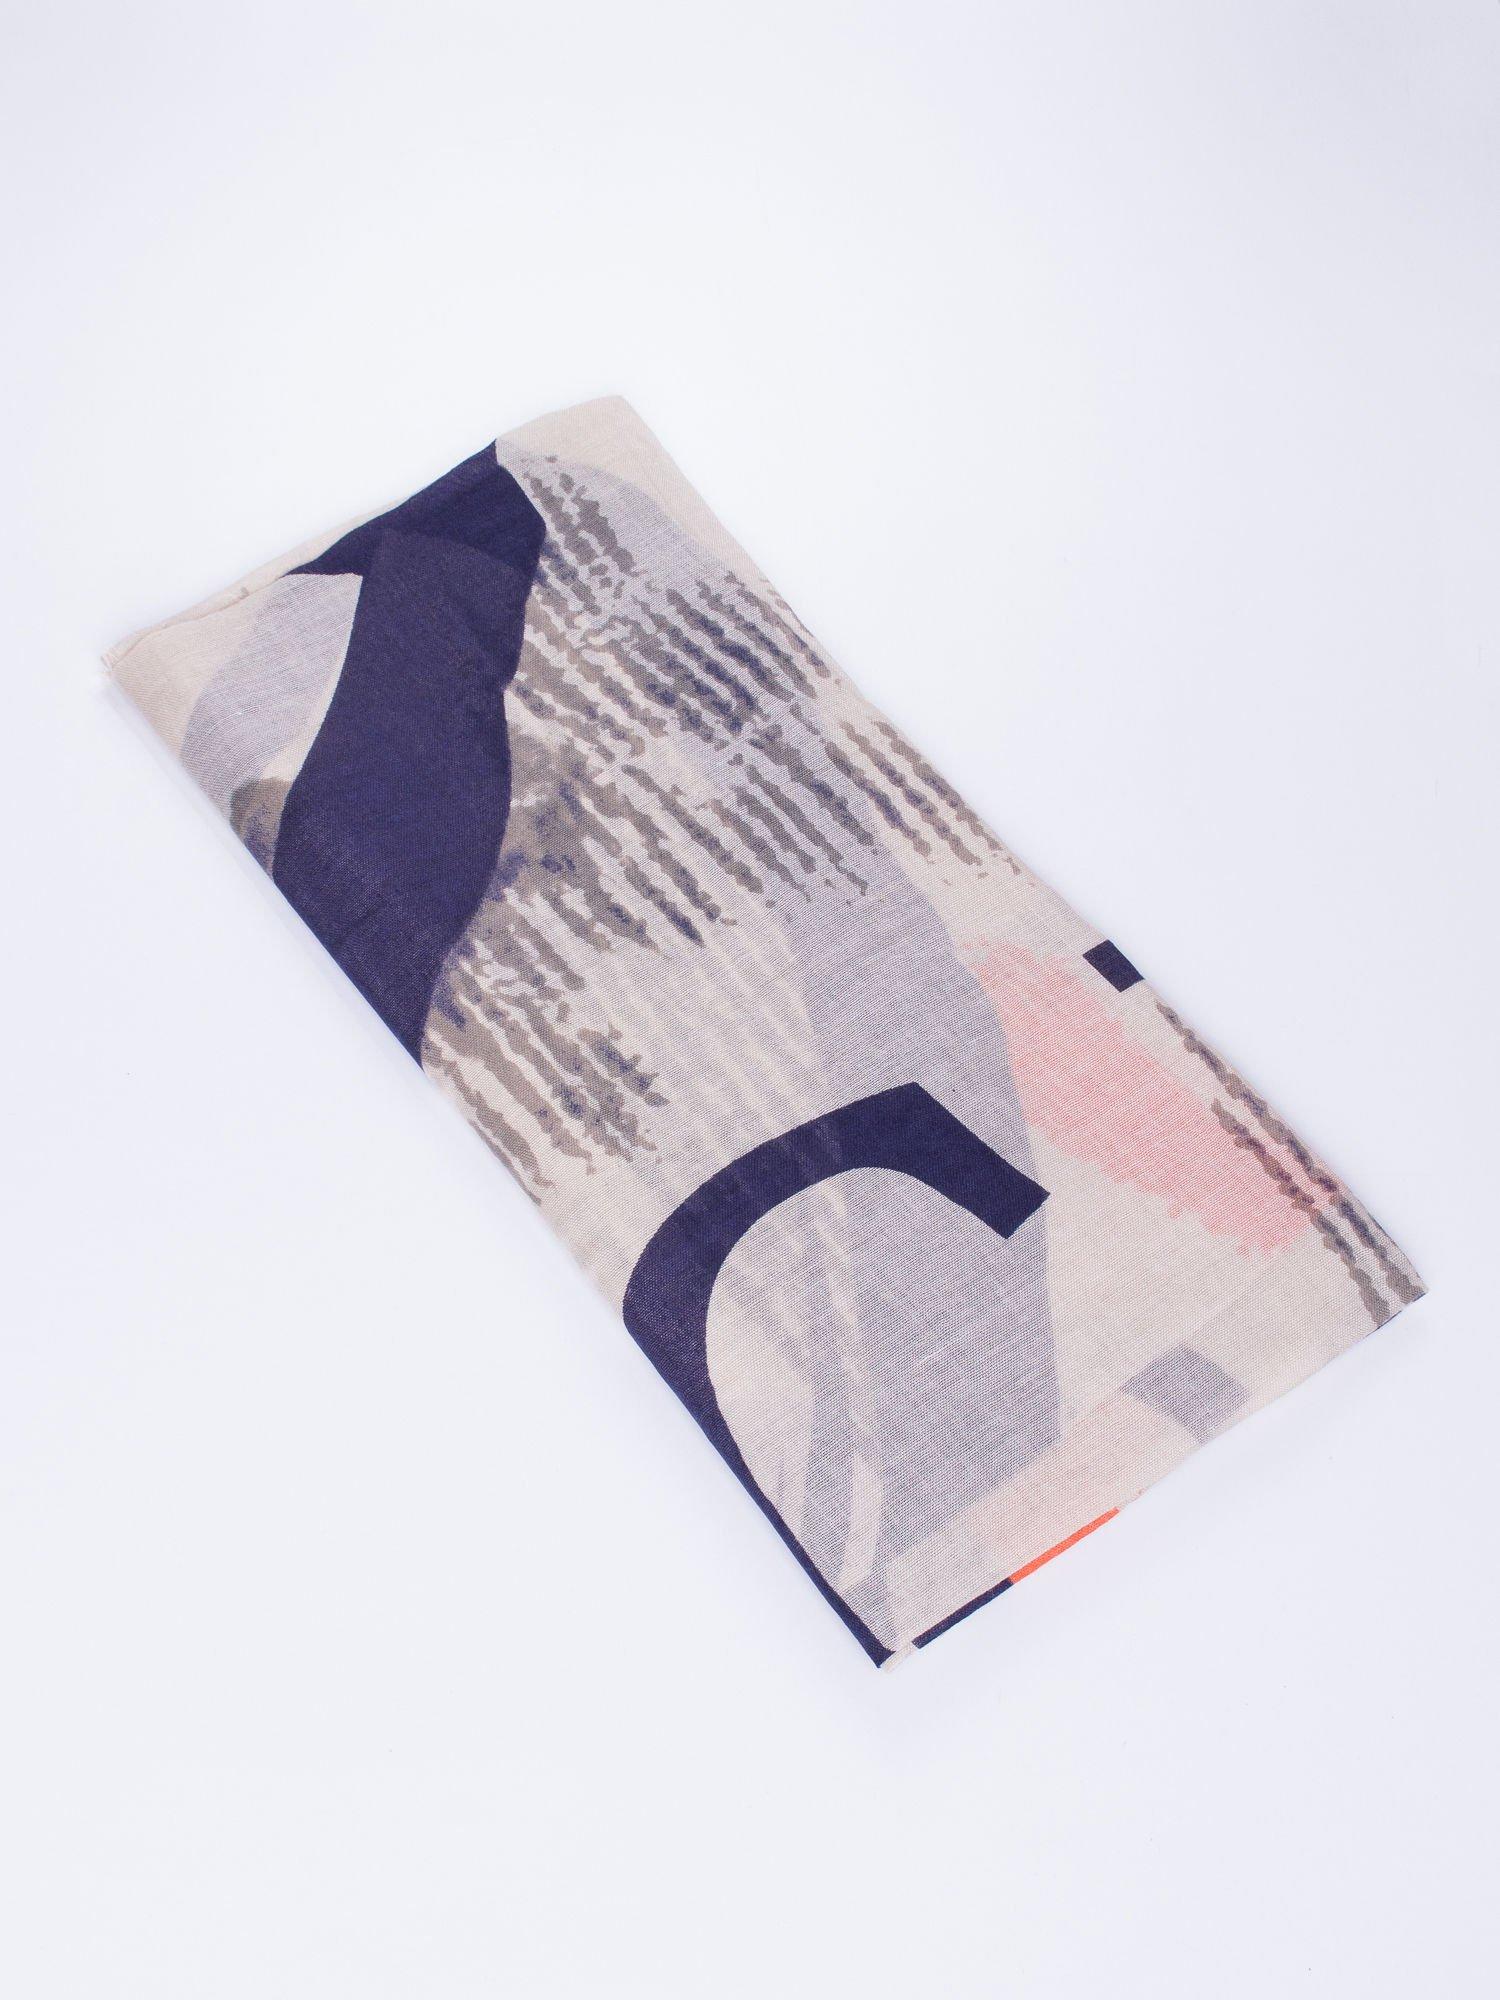 Beżowa kwadratowa chusta w literowy wzór i ciapki                                  zdj.                                  2